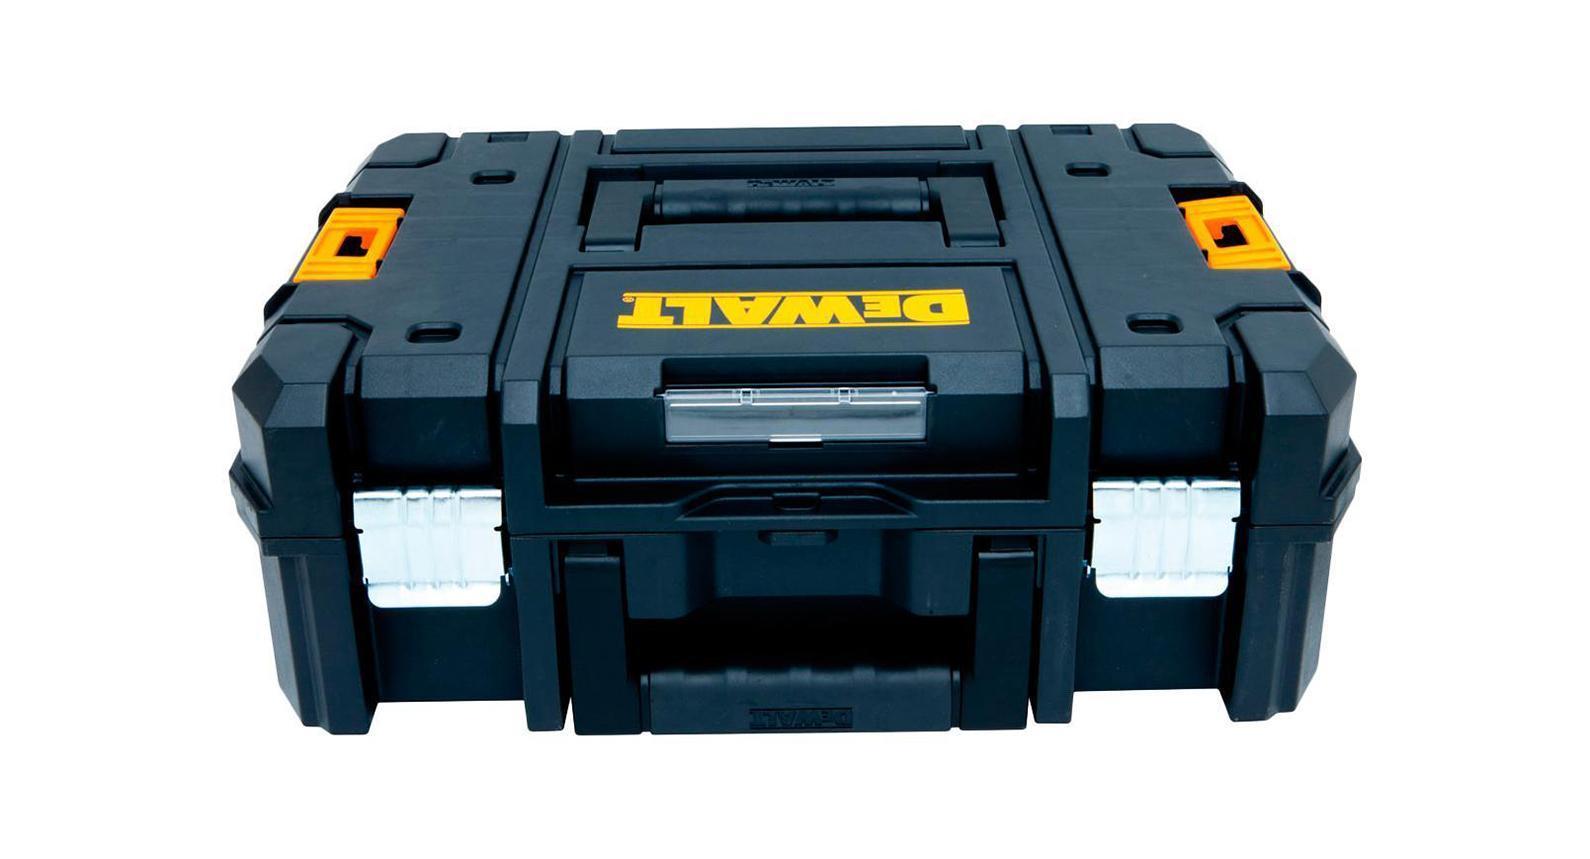 Ящик для инструмента DeWalt TSTAK IIDWST1-70703Ящик для инструментов DeWALT DWST1-70703 оснащен двухкомпонентной рукояткой и двумя надежными металлическими защелками. Он предназначен для переноски и хранения различного вида инструмента. Его корпус изготовлен из прочного пластика.